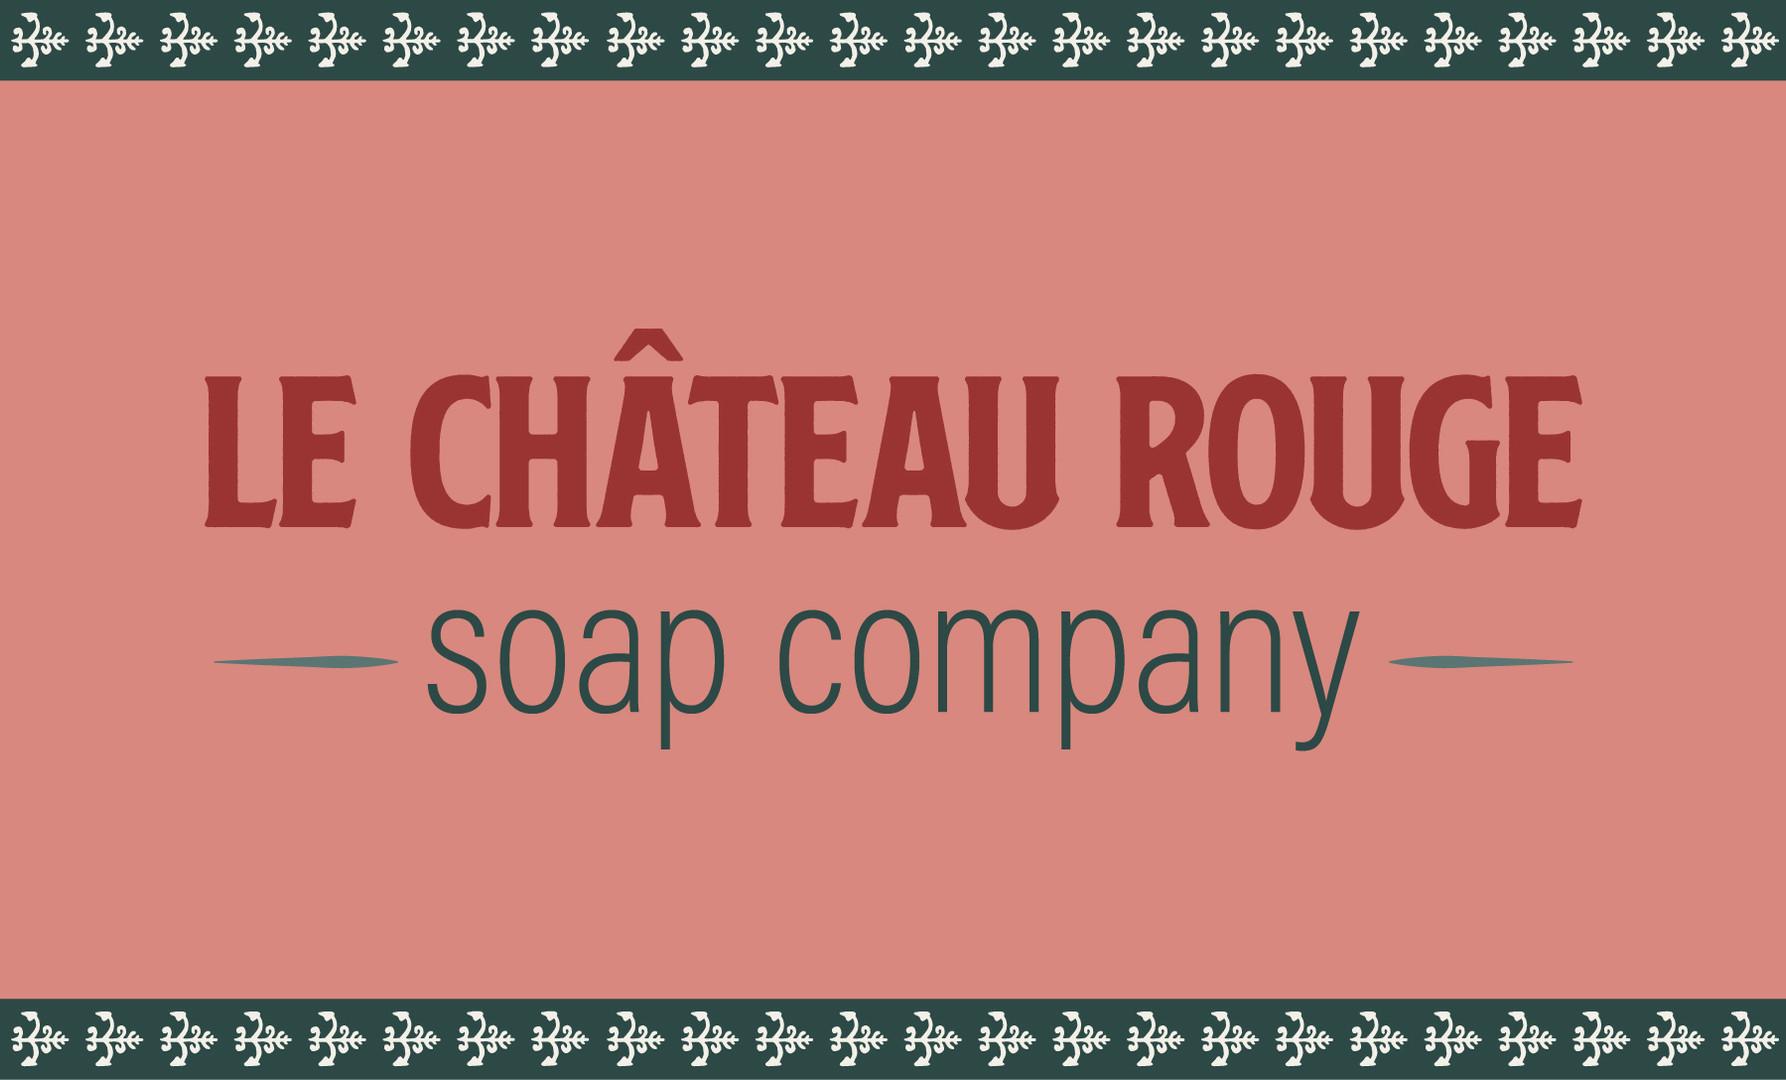 Le Chateau Rouge Branding Elements